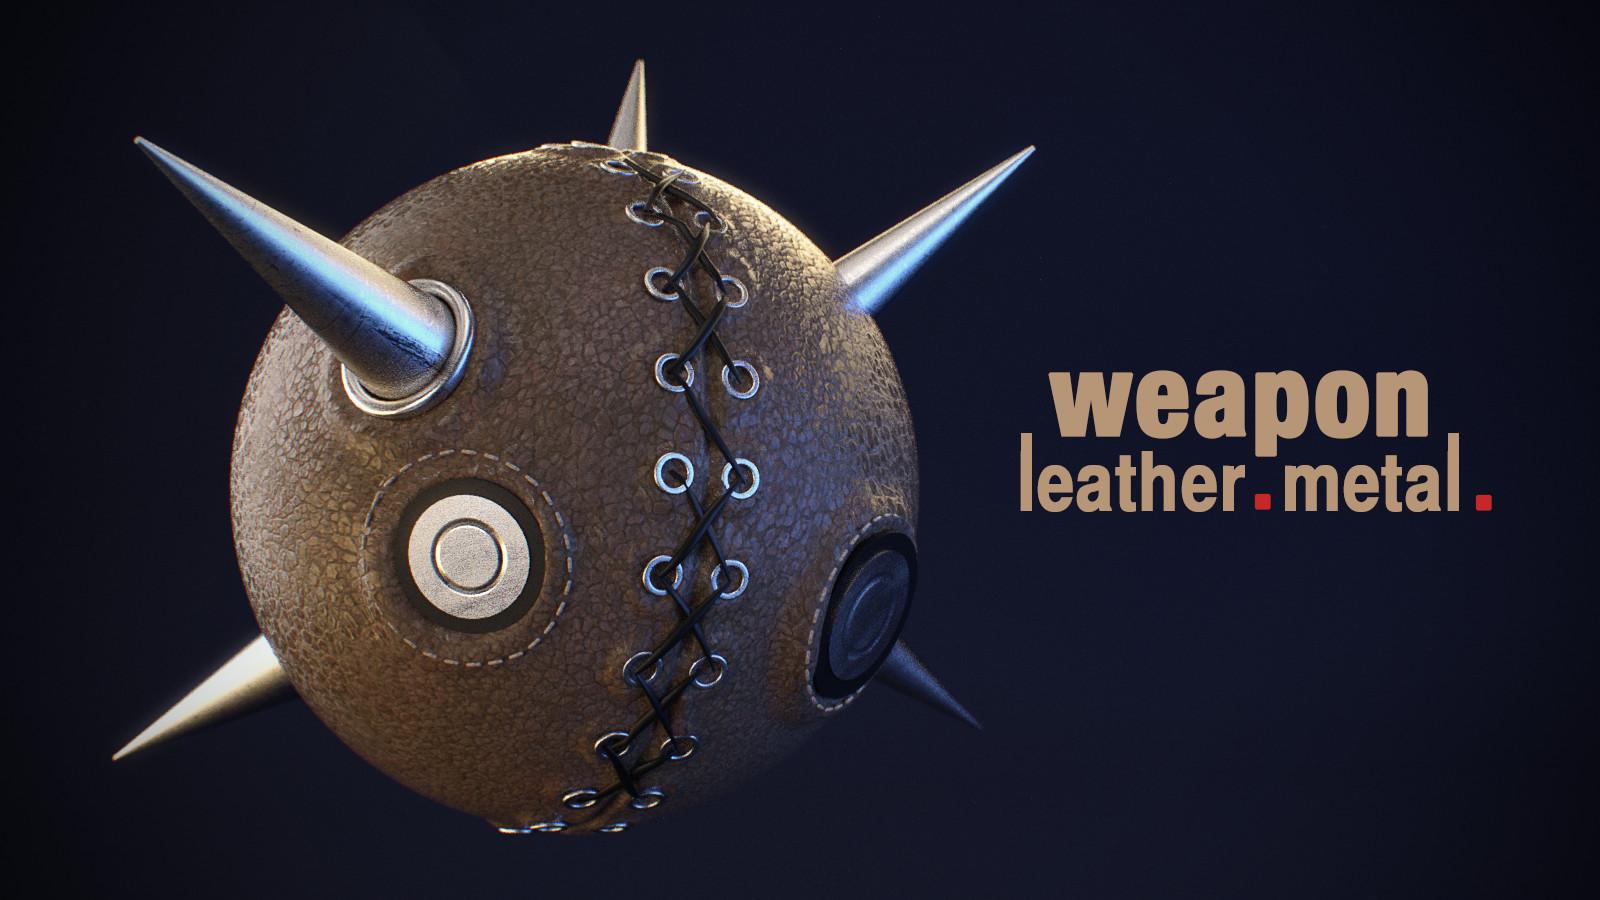 Oren leventar weapon ball octan web